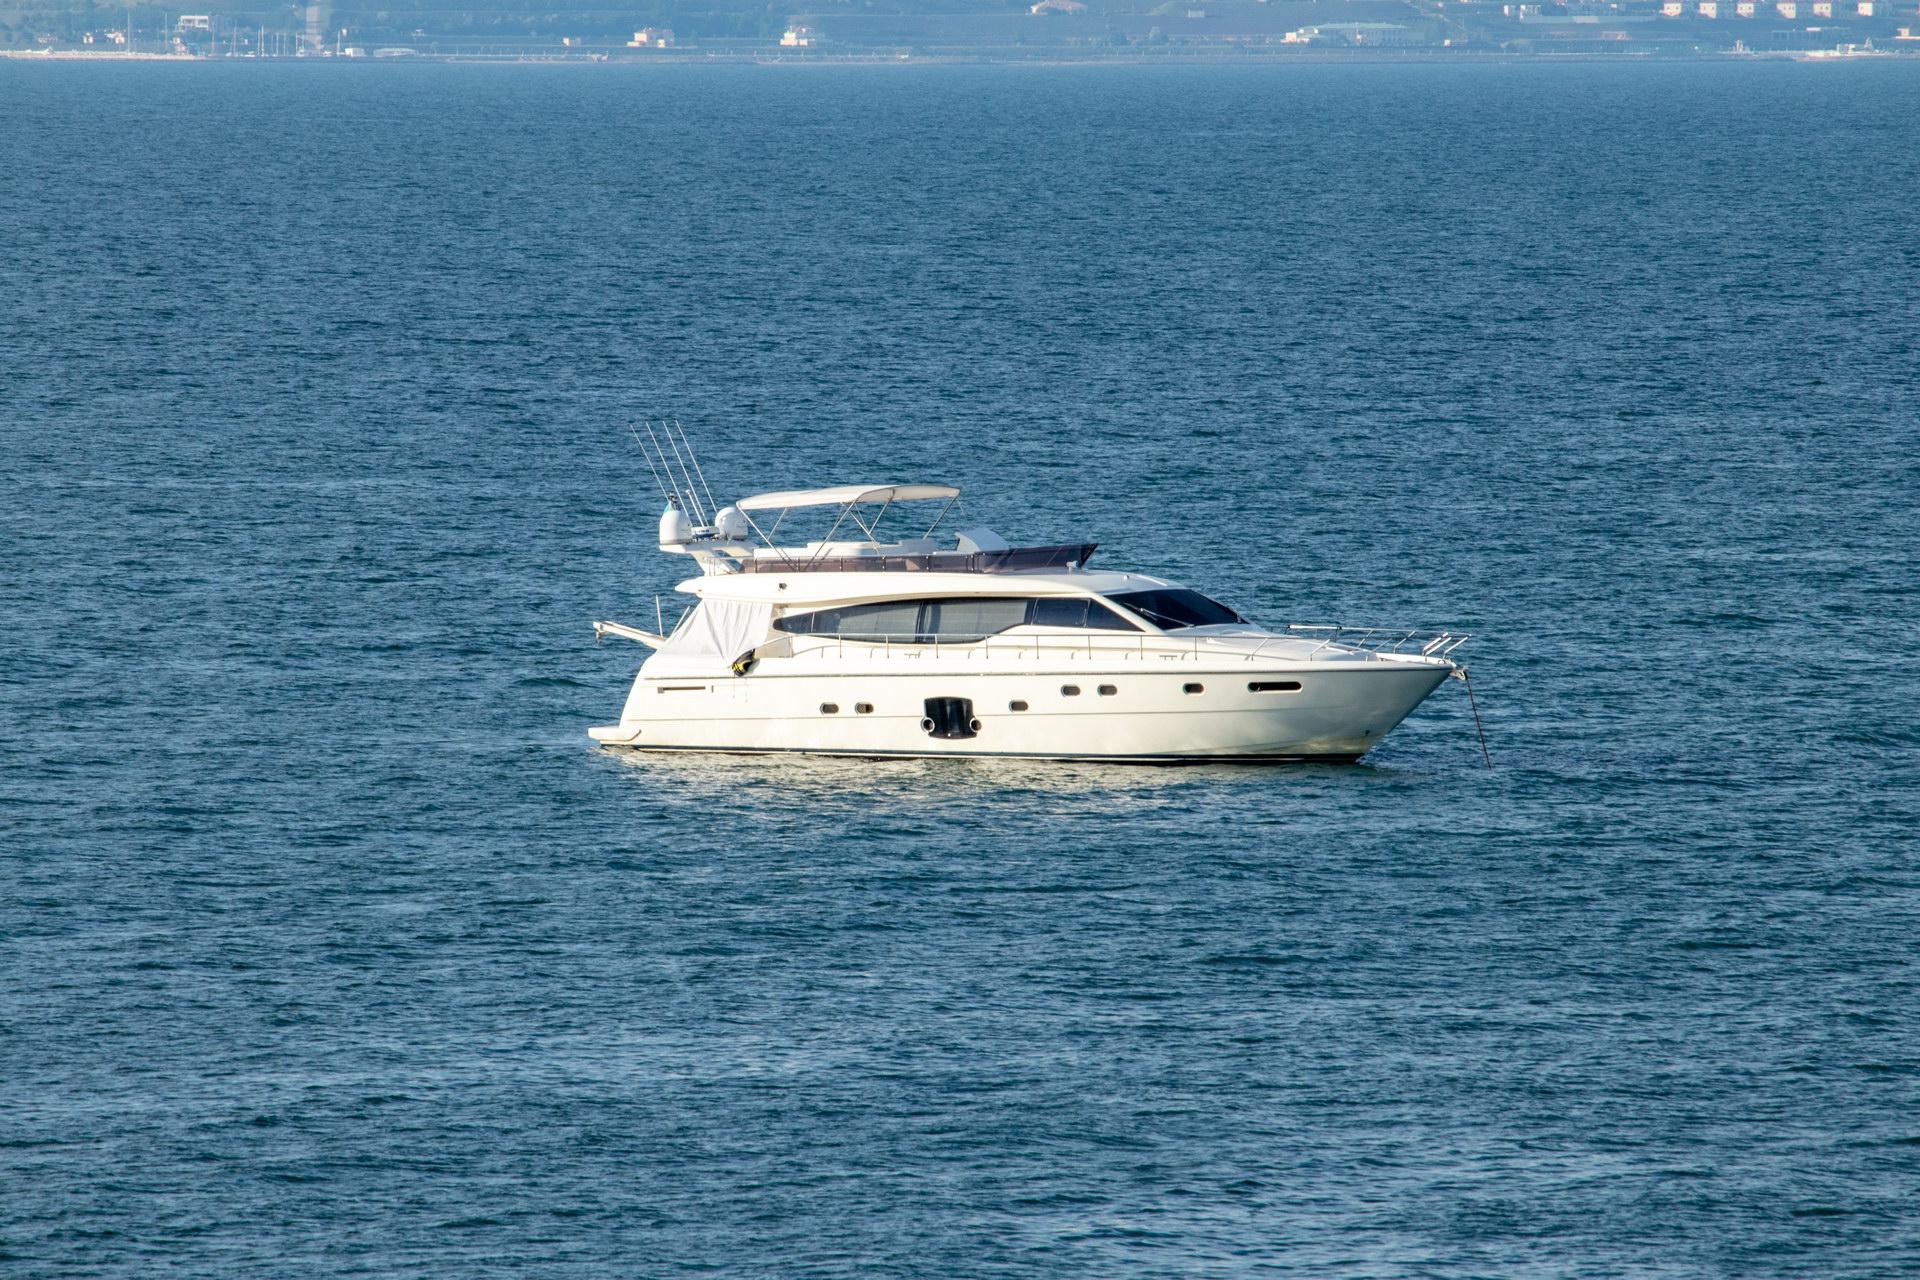 Маленькая белая яхта в черном море - street tattoo № 07 – 24.06.2020 – tatufoto.com